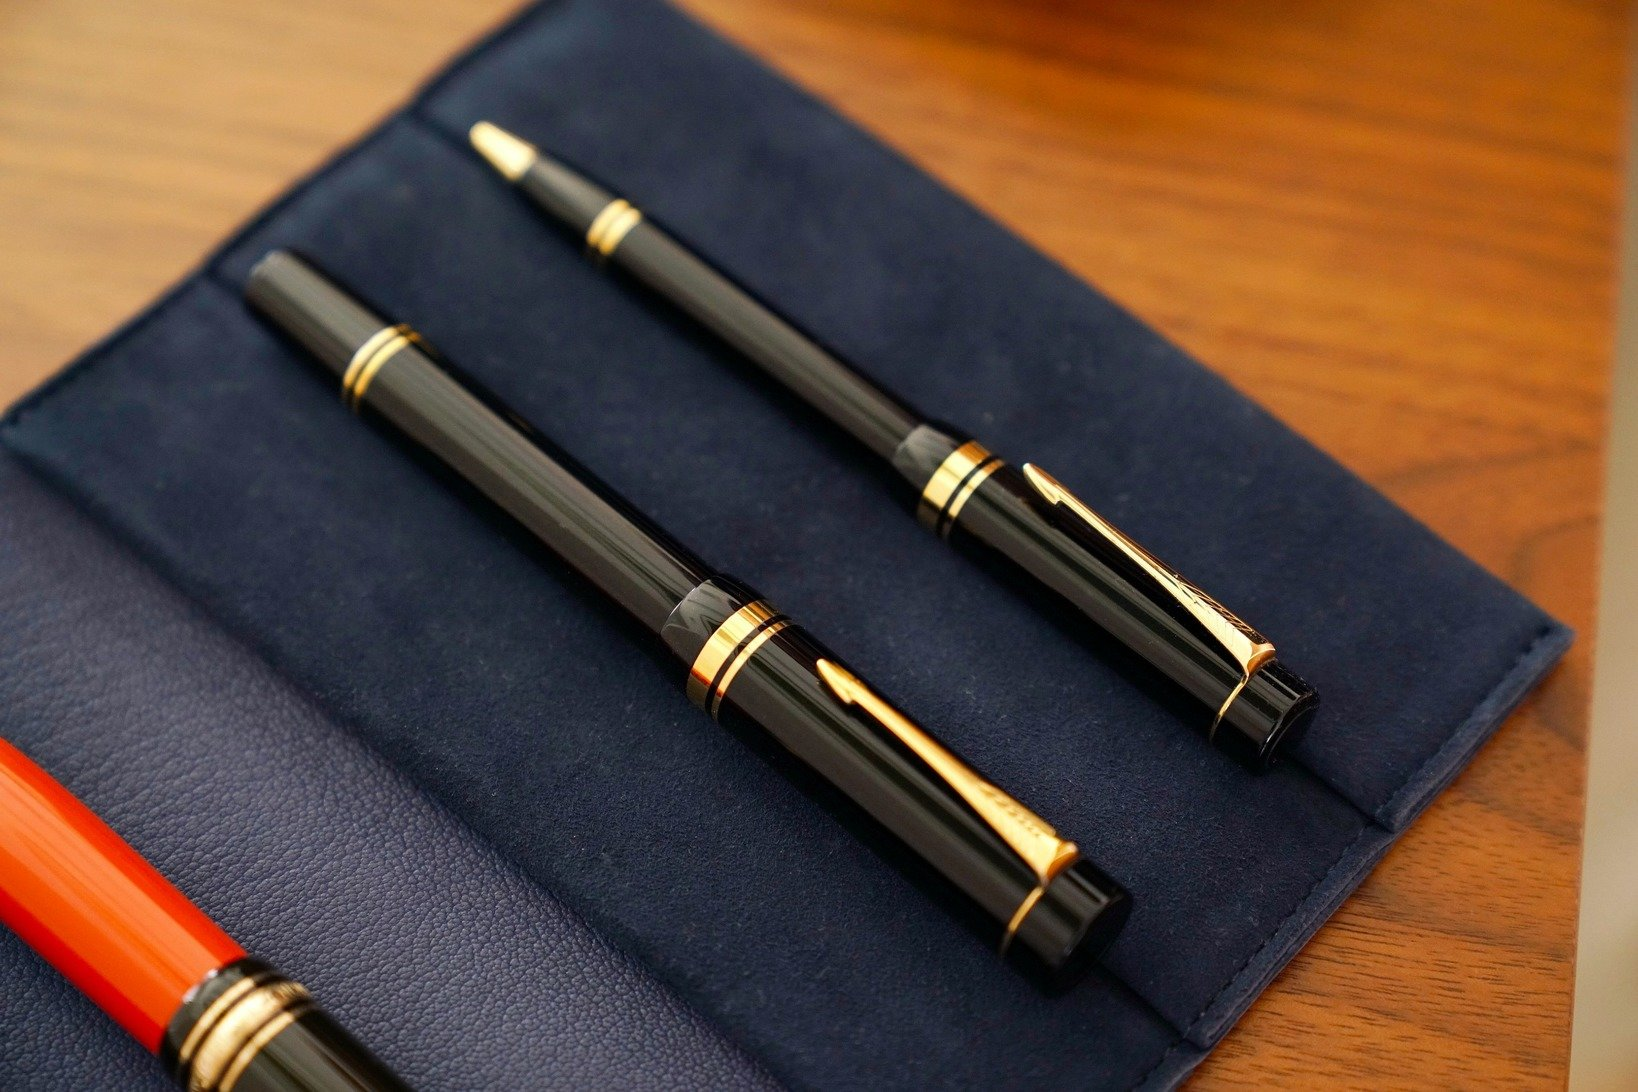 飯野さんが初めて購入したパーカー「デュオフォールド センテニアル」万年筆(手前)。同じラインのボールペン(奥)。